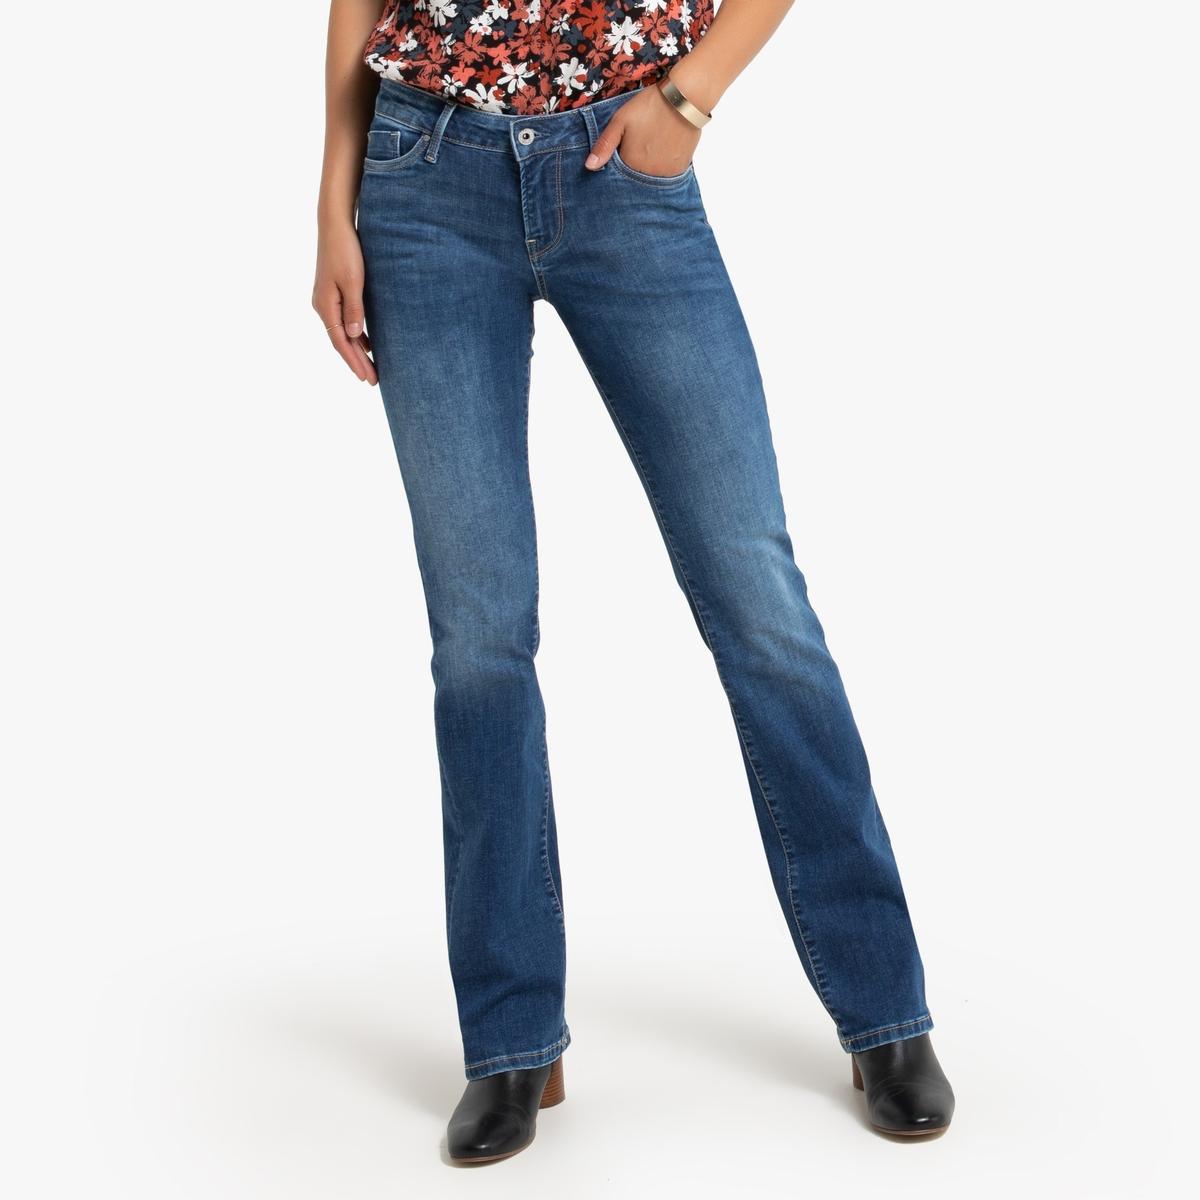 Джинсы La Redoute Буткат PICADILLY 30/32 синий джинсы женские oodji цвет синий джинс 12106150 47546 7500w размер 30 32 50 32